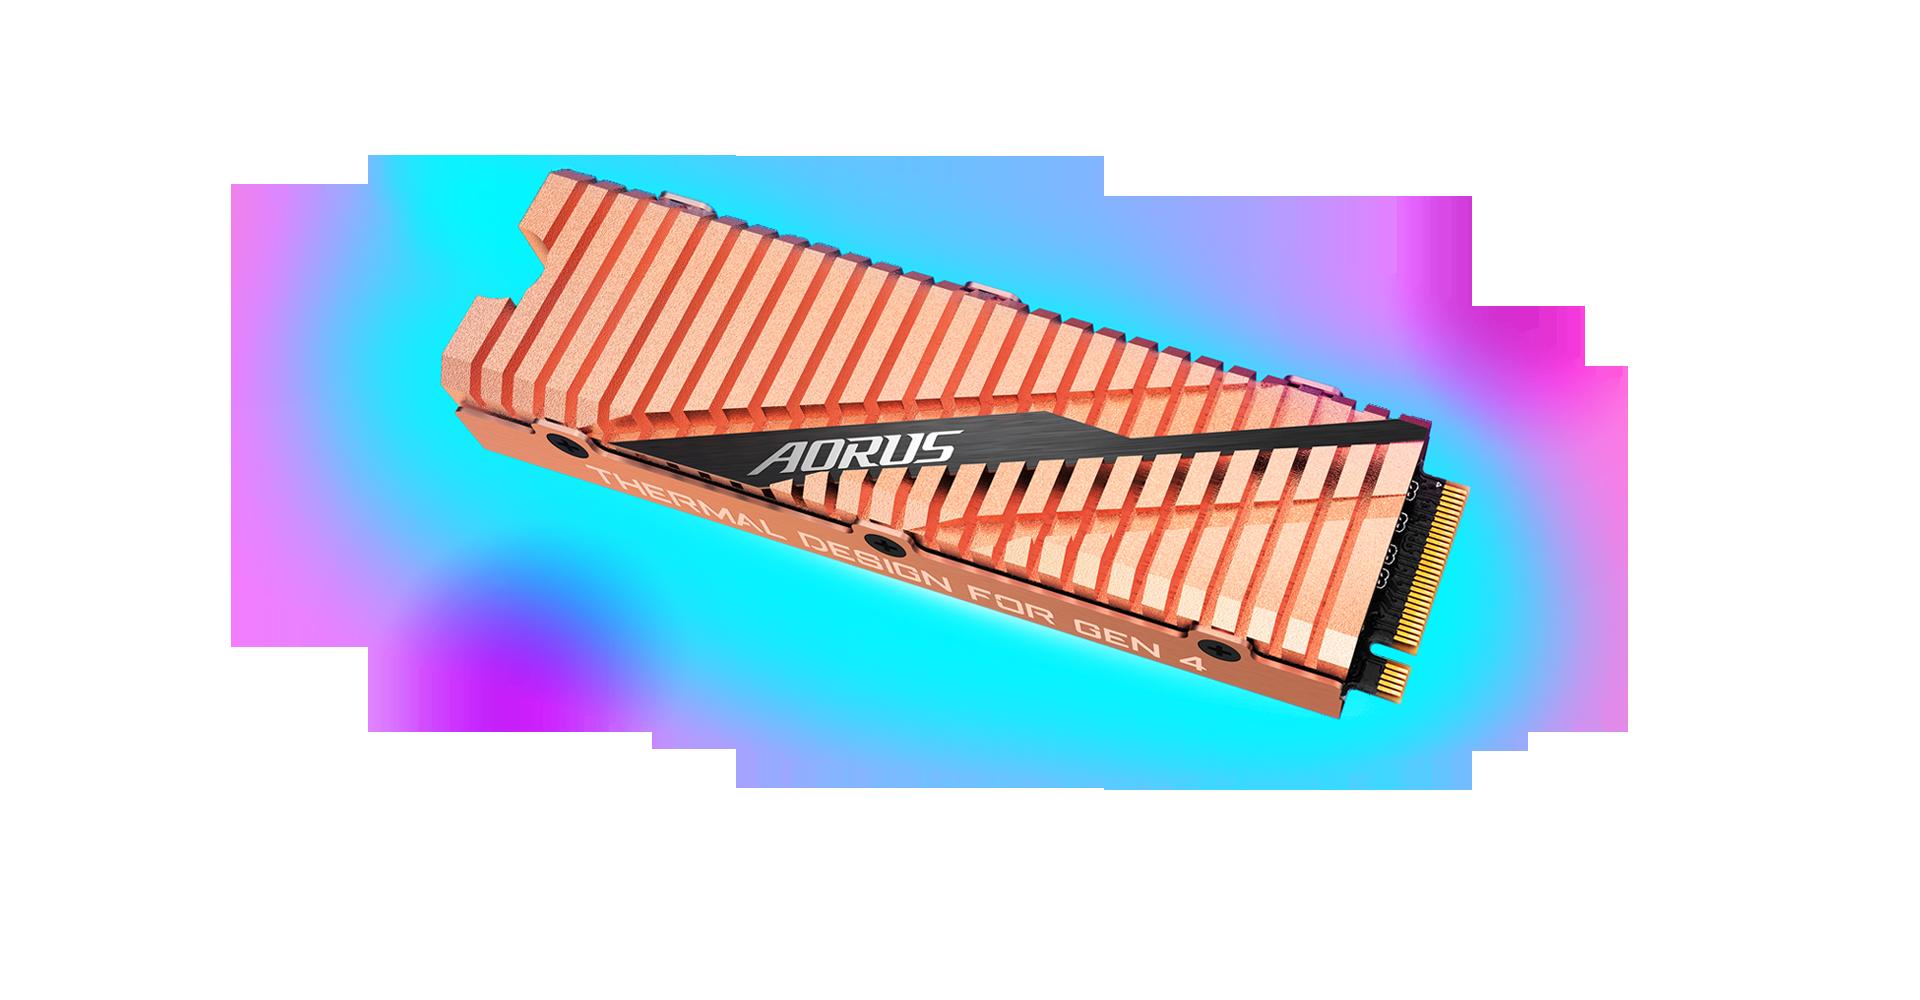 Best PCIe Gen 4.0 SSDs